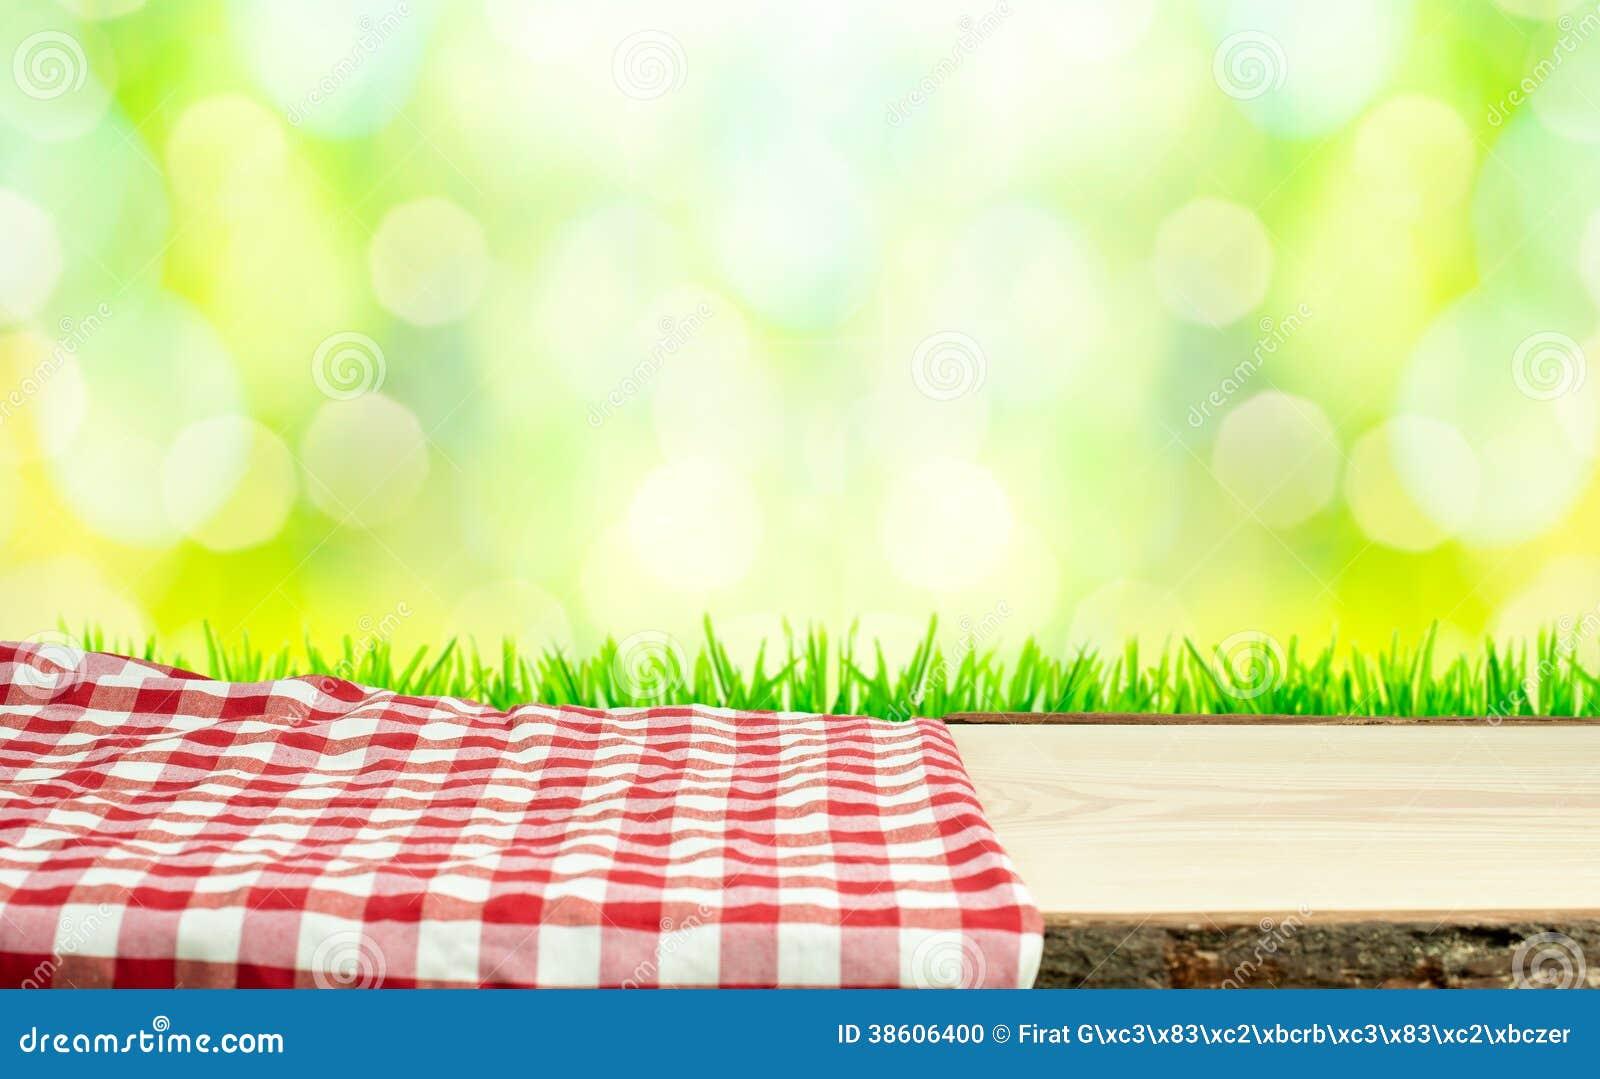 Picknicktisch in der Natur